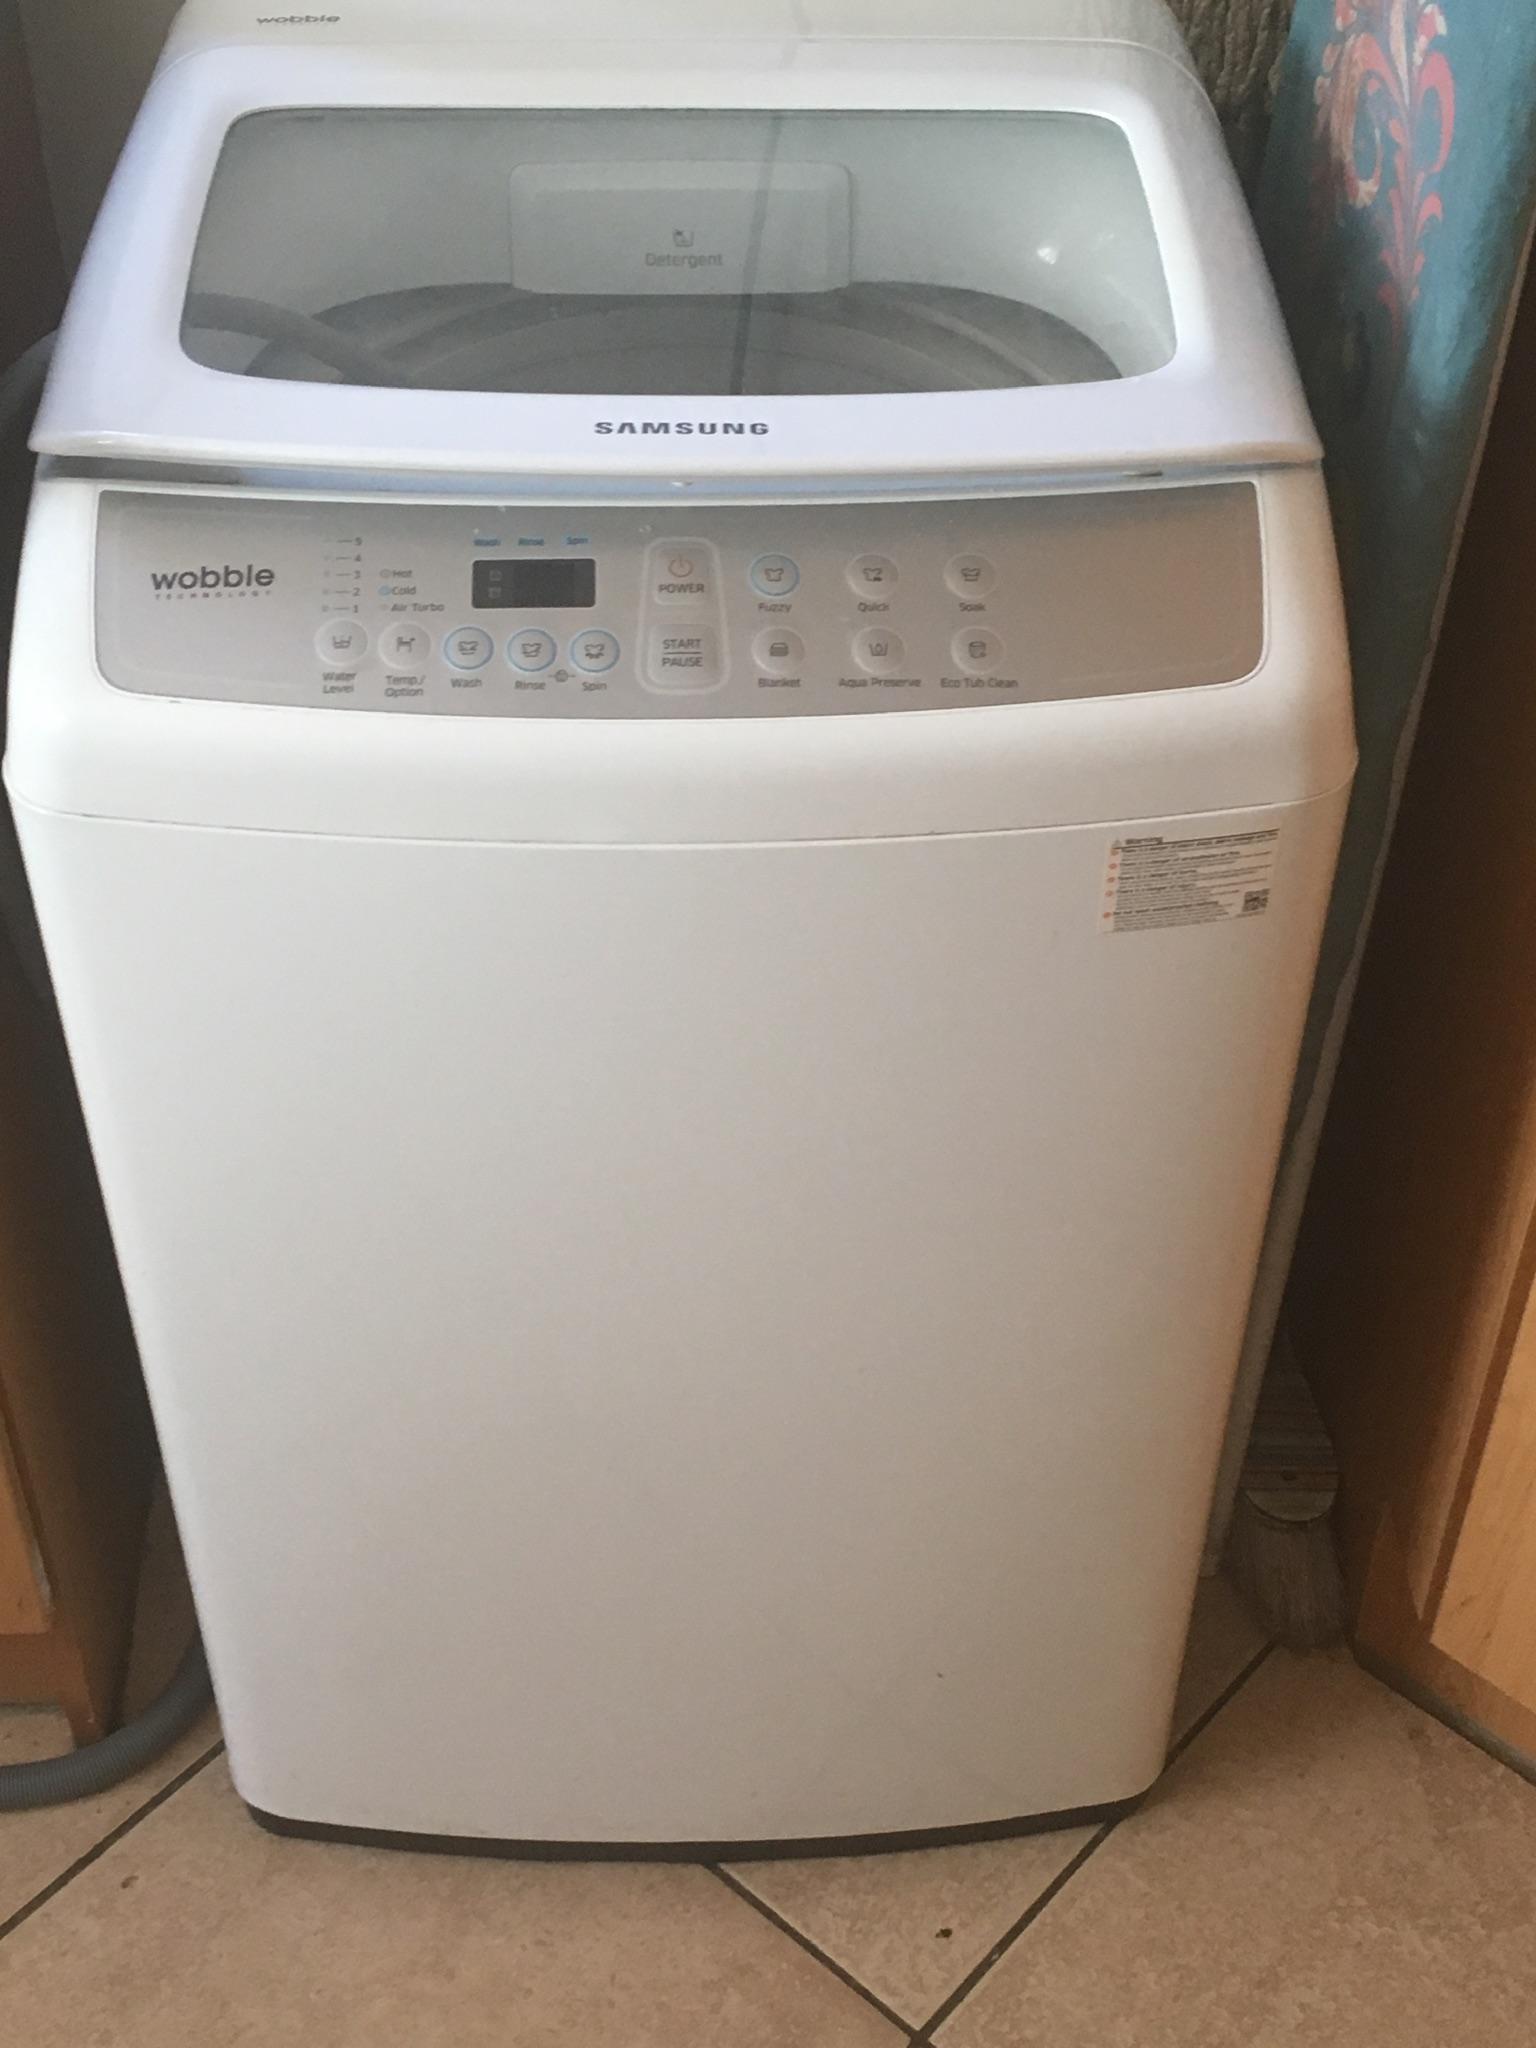 9 KG Samsung washing machine for sale 6 months old